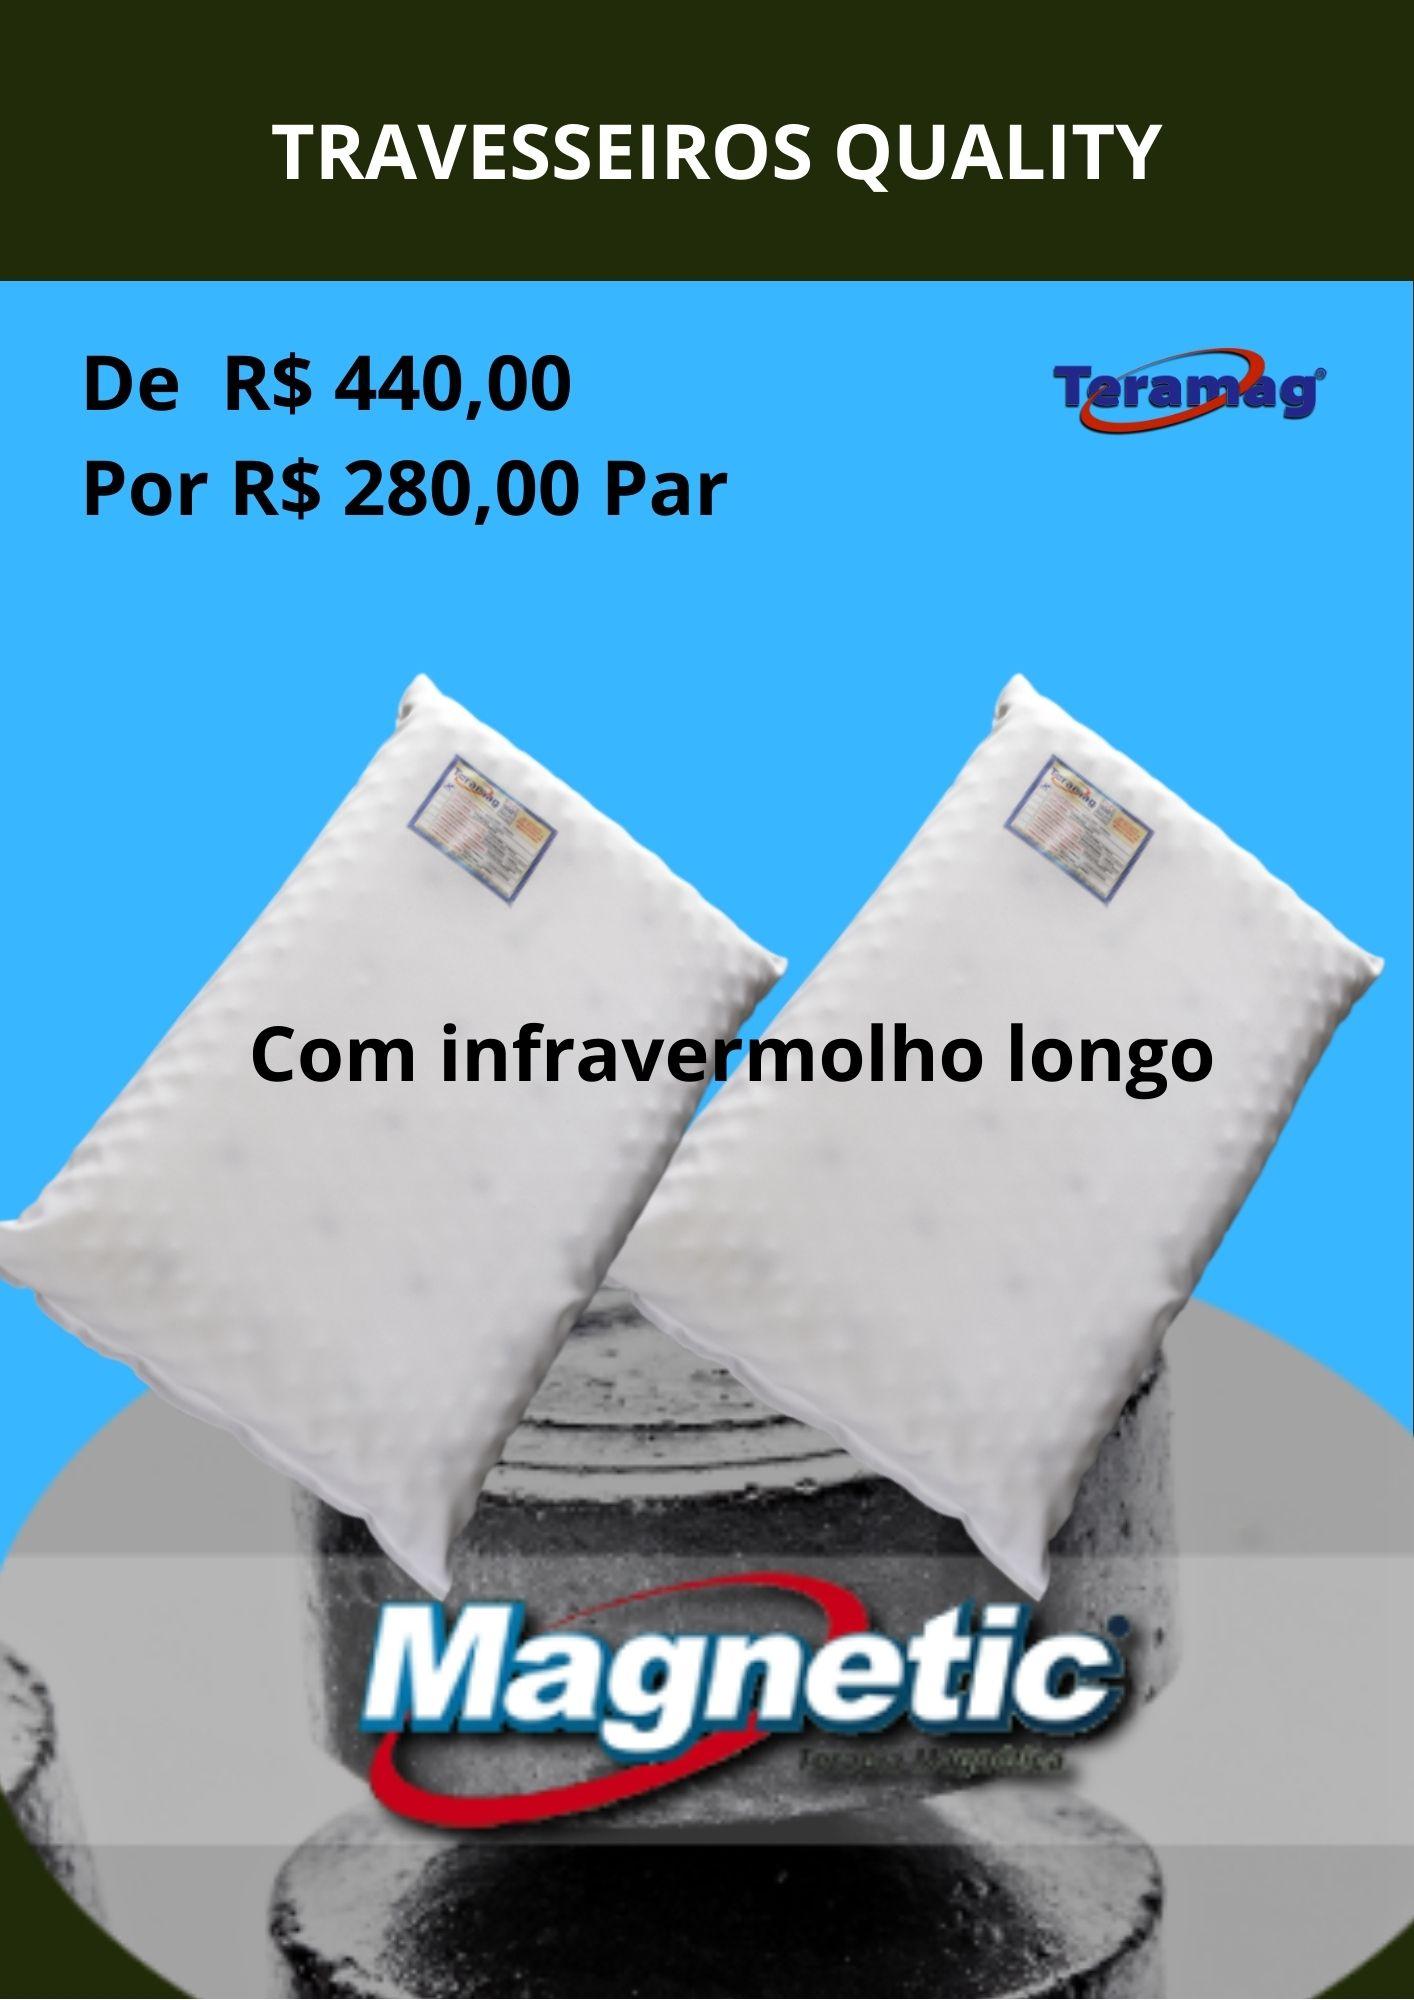 Travesseiros Promocionais limitado